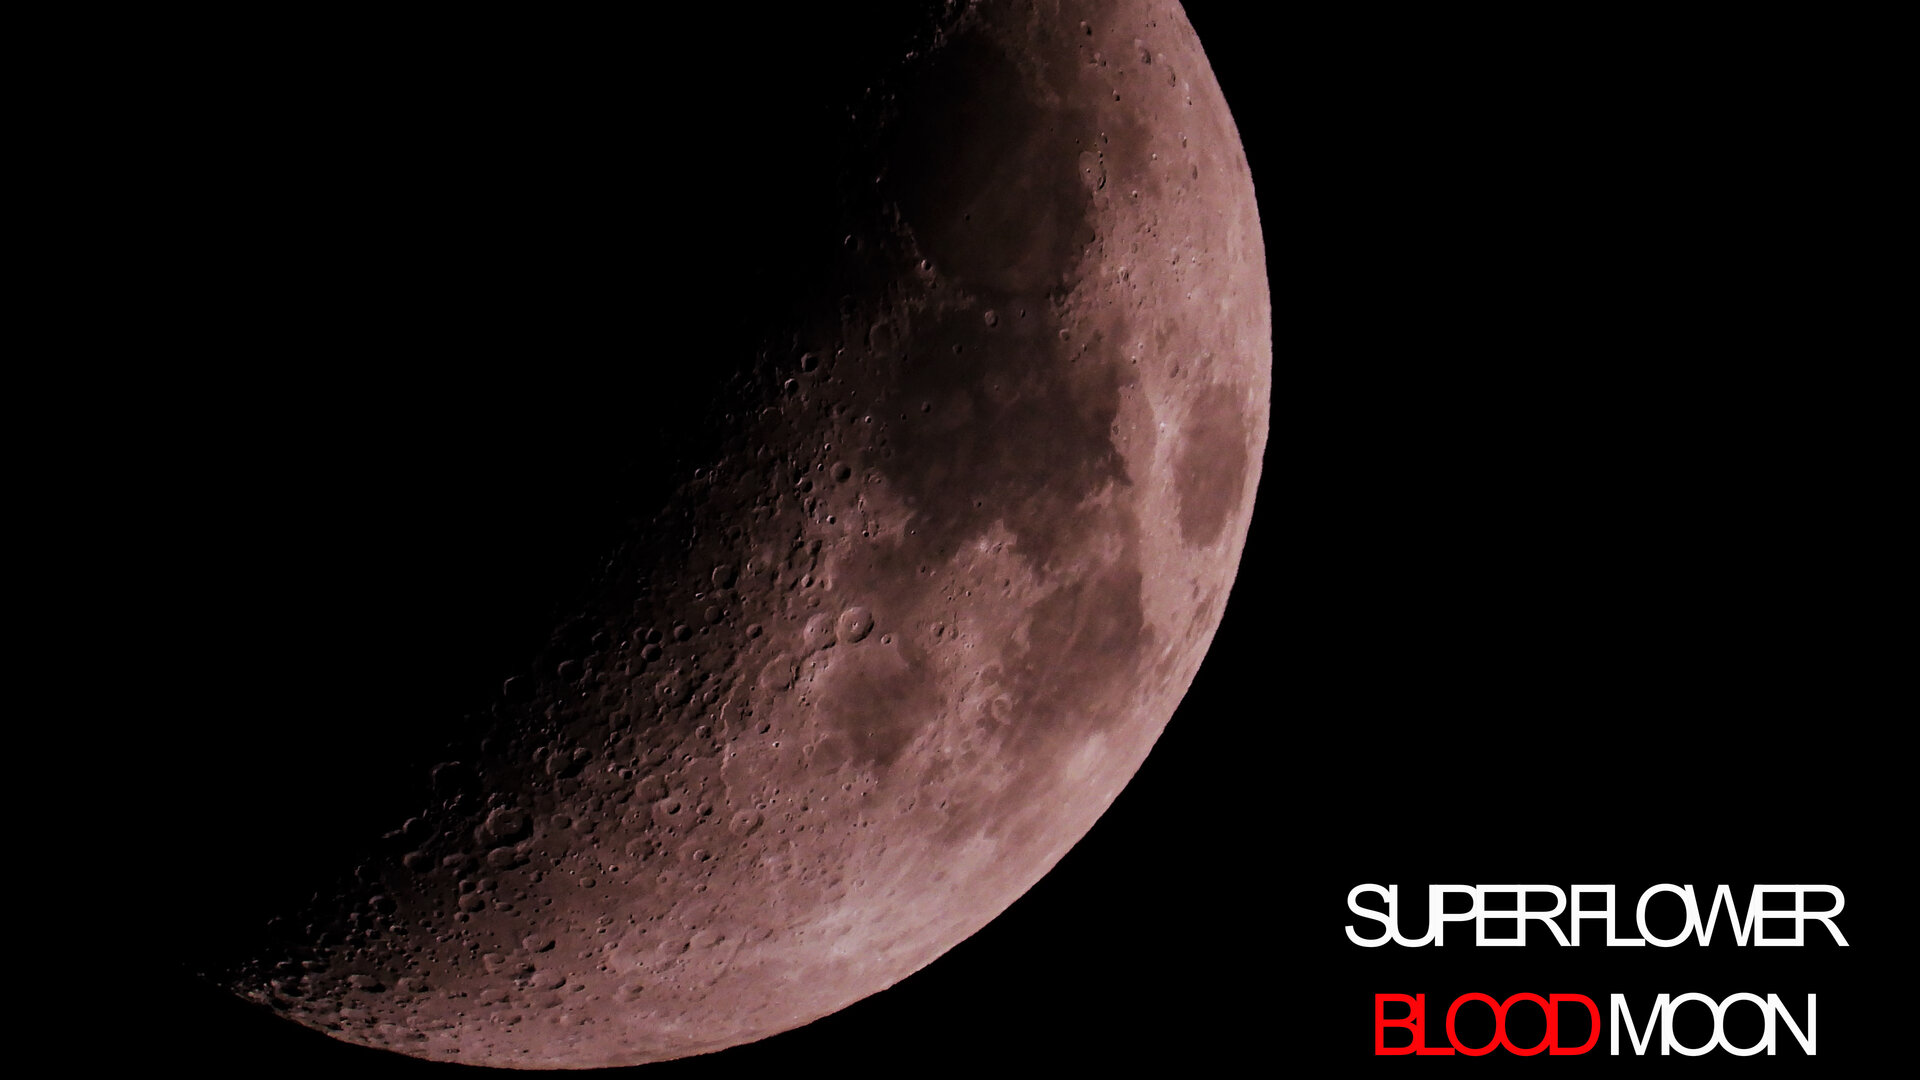 Studi baru mengatakan bulan dapat memengaruhi kualitas tidur, terutama pada pria